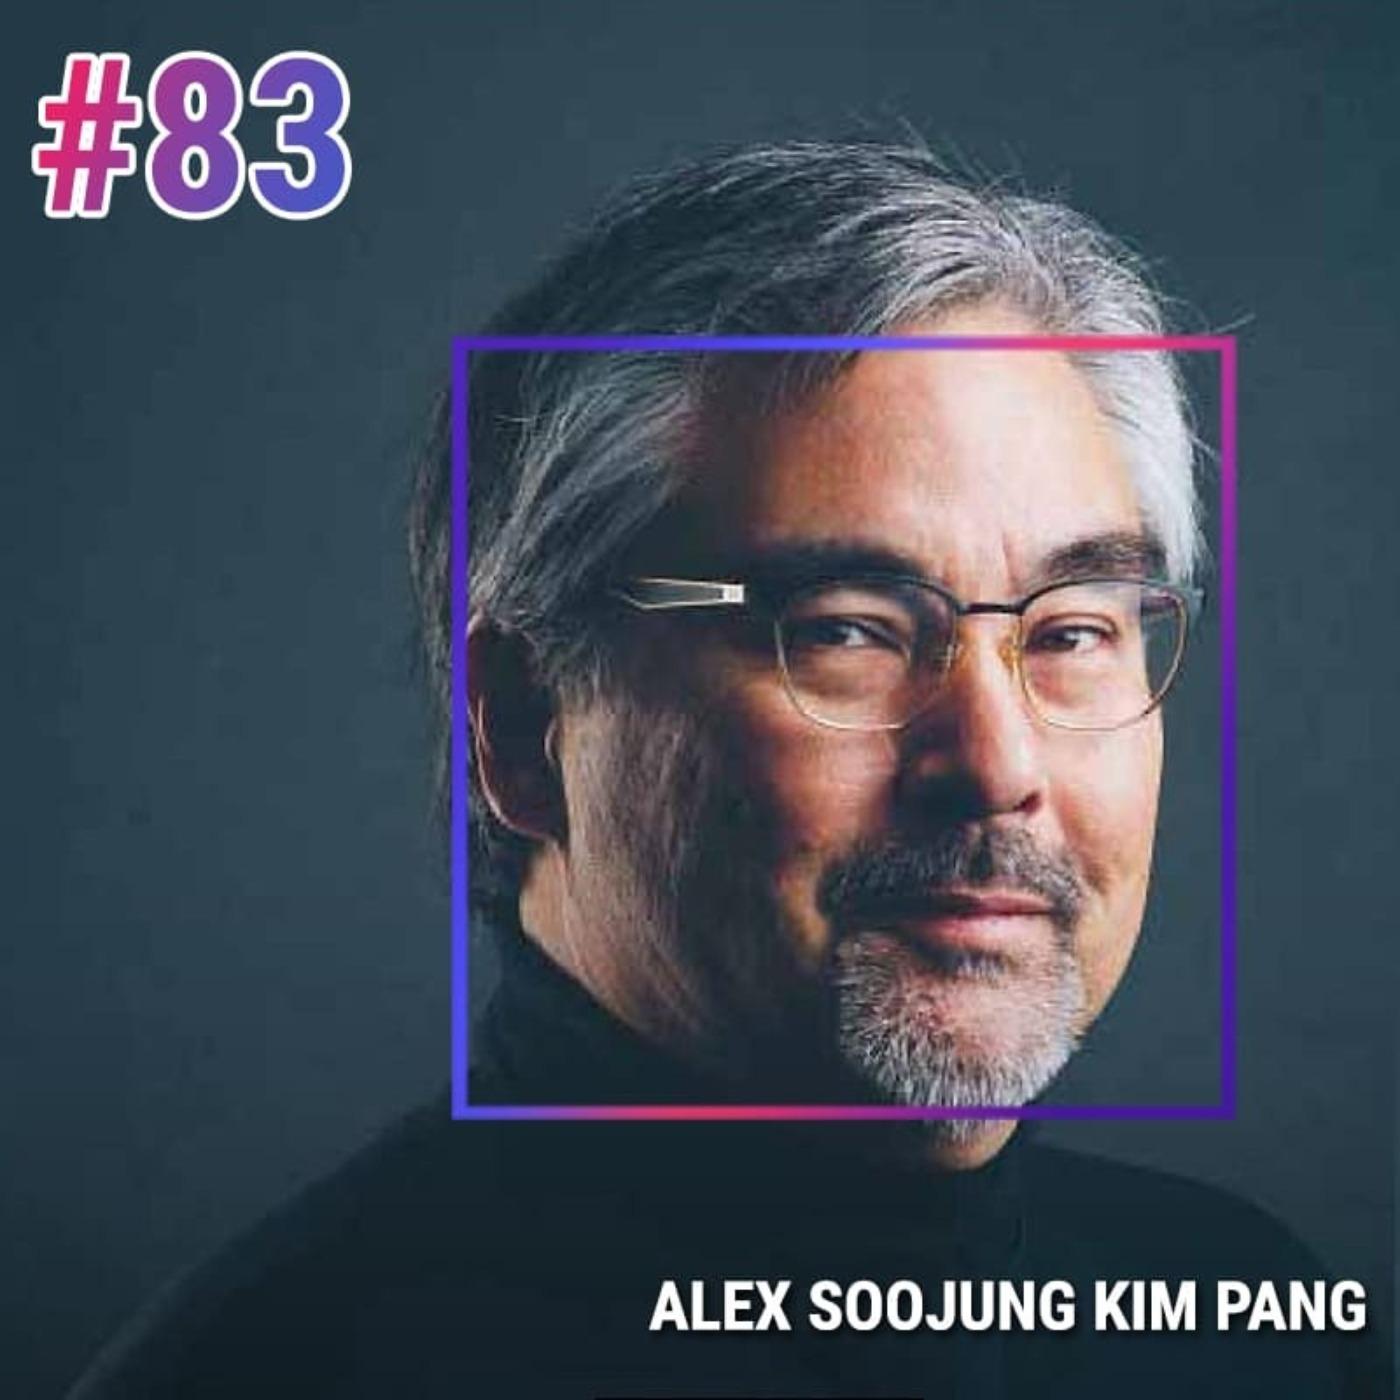 #83 ALEX SOOJUNG-KIM PANG: LE POUVOIR CACHÉ DU REPOS